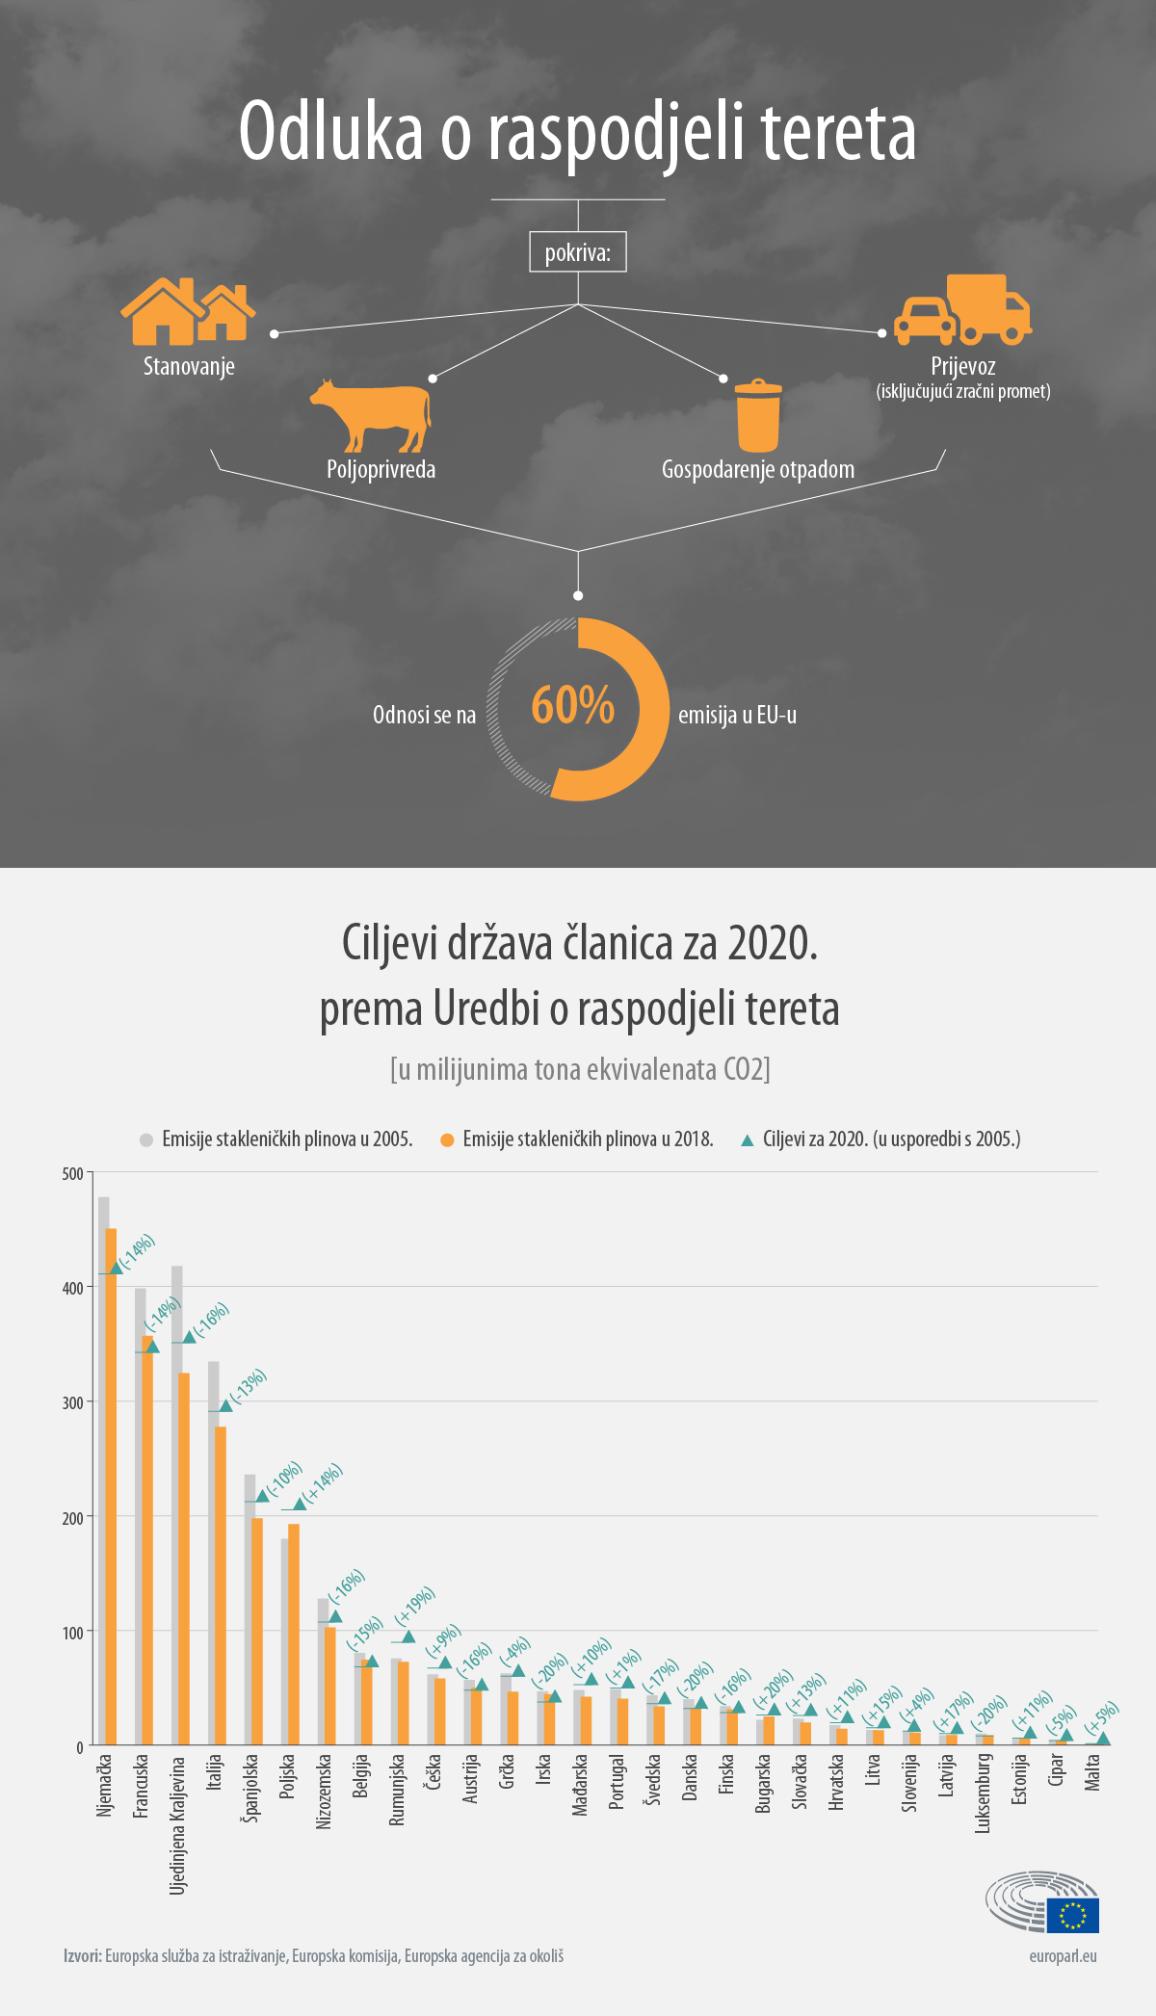 Infografika prikazuje što sve pokriva odluka o raspodjeli tereta te kolike su emisije stakleničkih plinova država članica u 2005. i 2018. u odnosu na ciljeve za 2020.